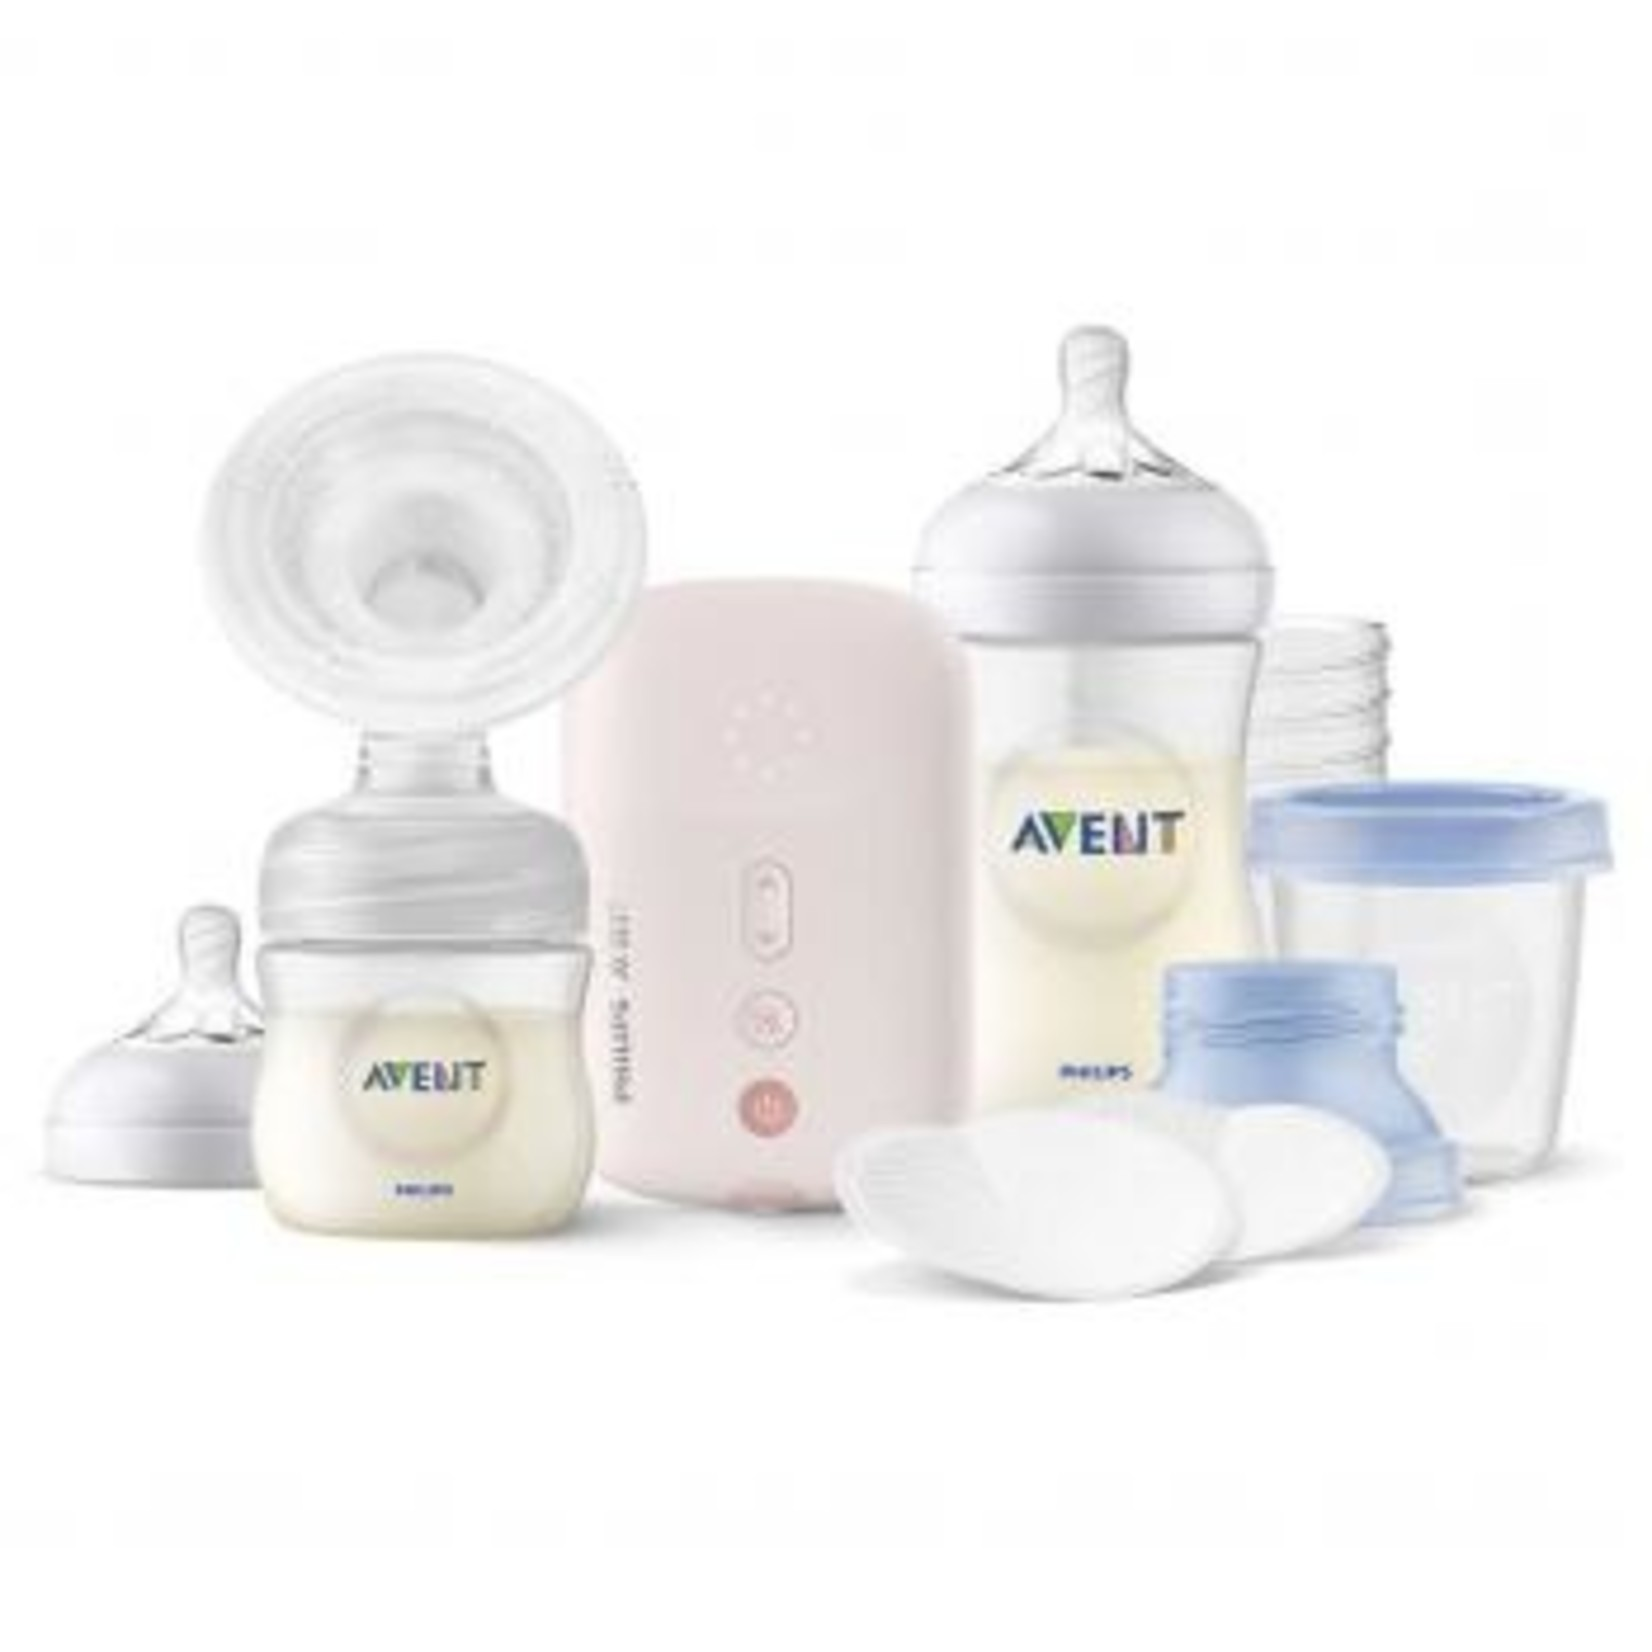 Avent Avent Giftpack Elektrische enkelzijdige borstkolf